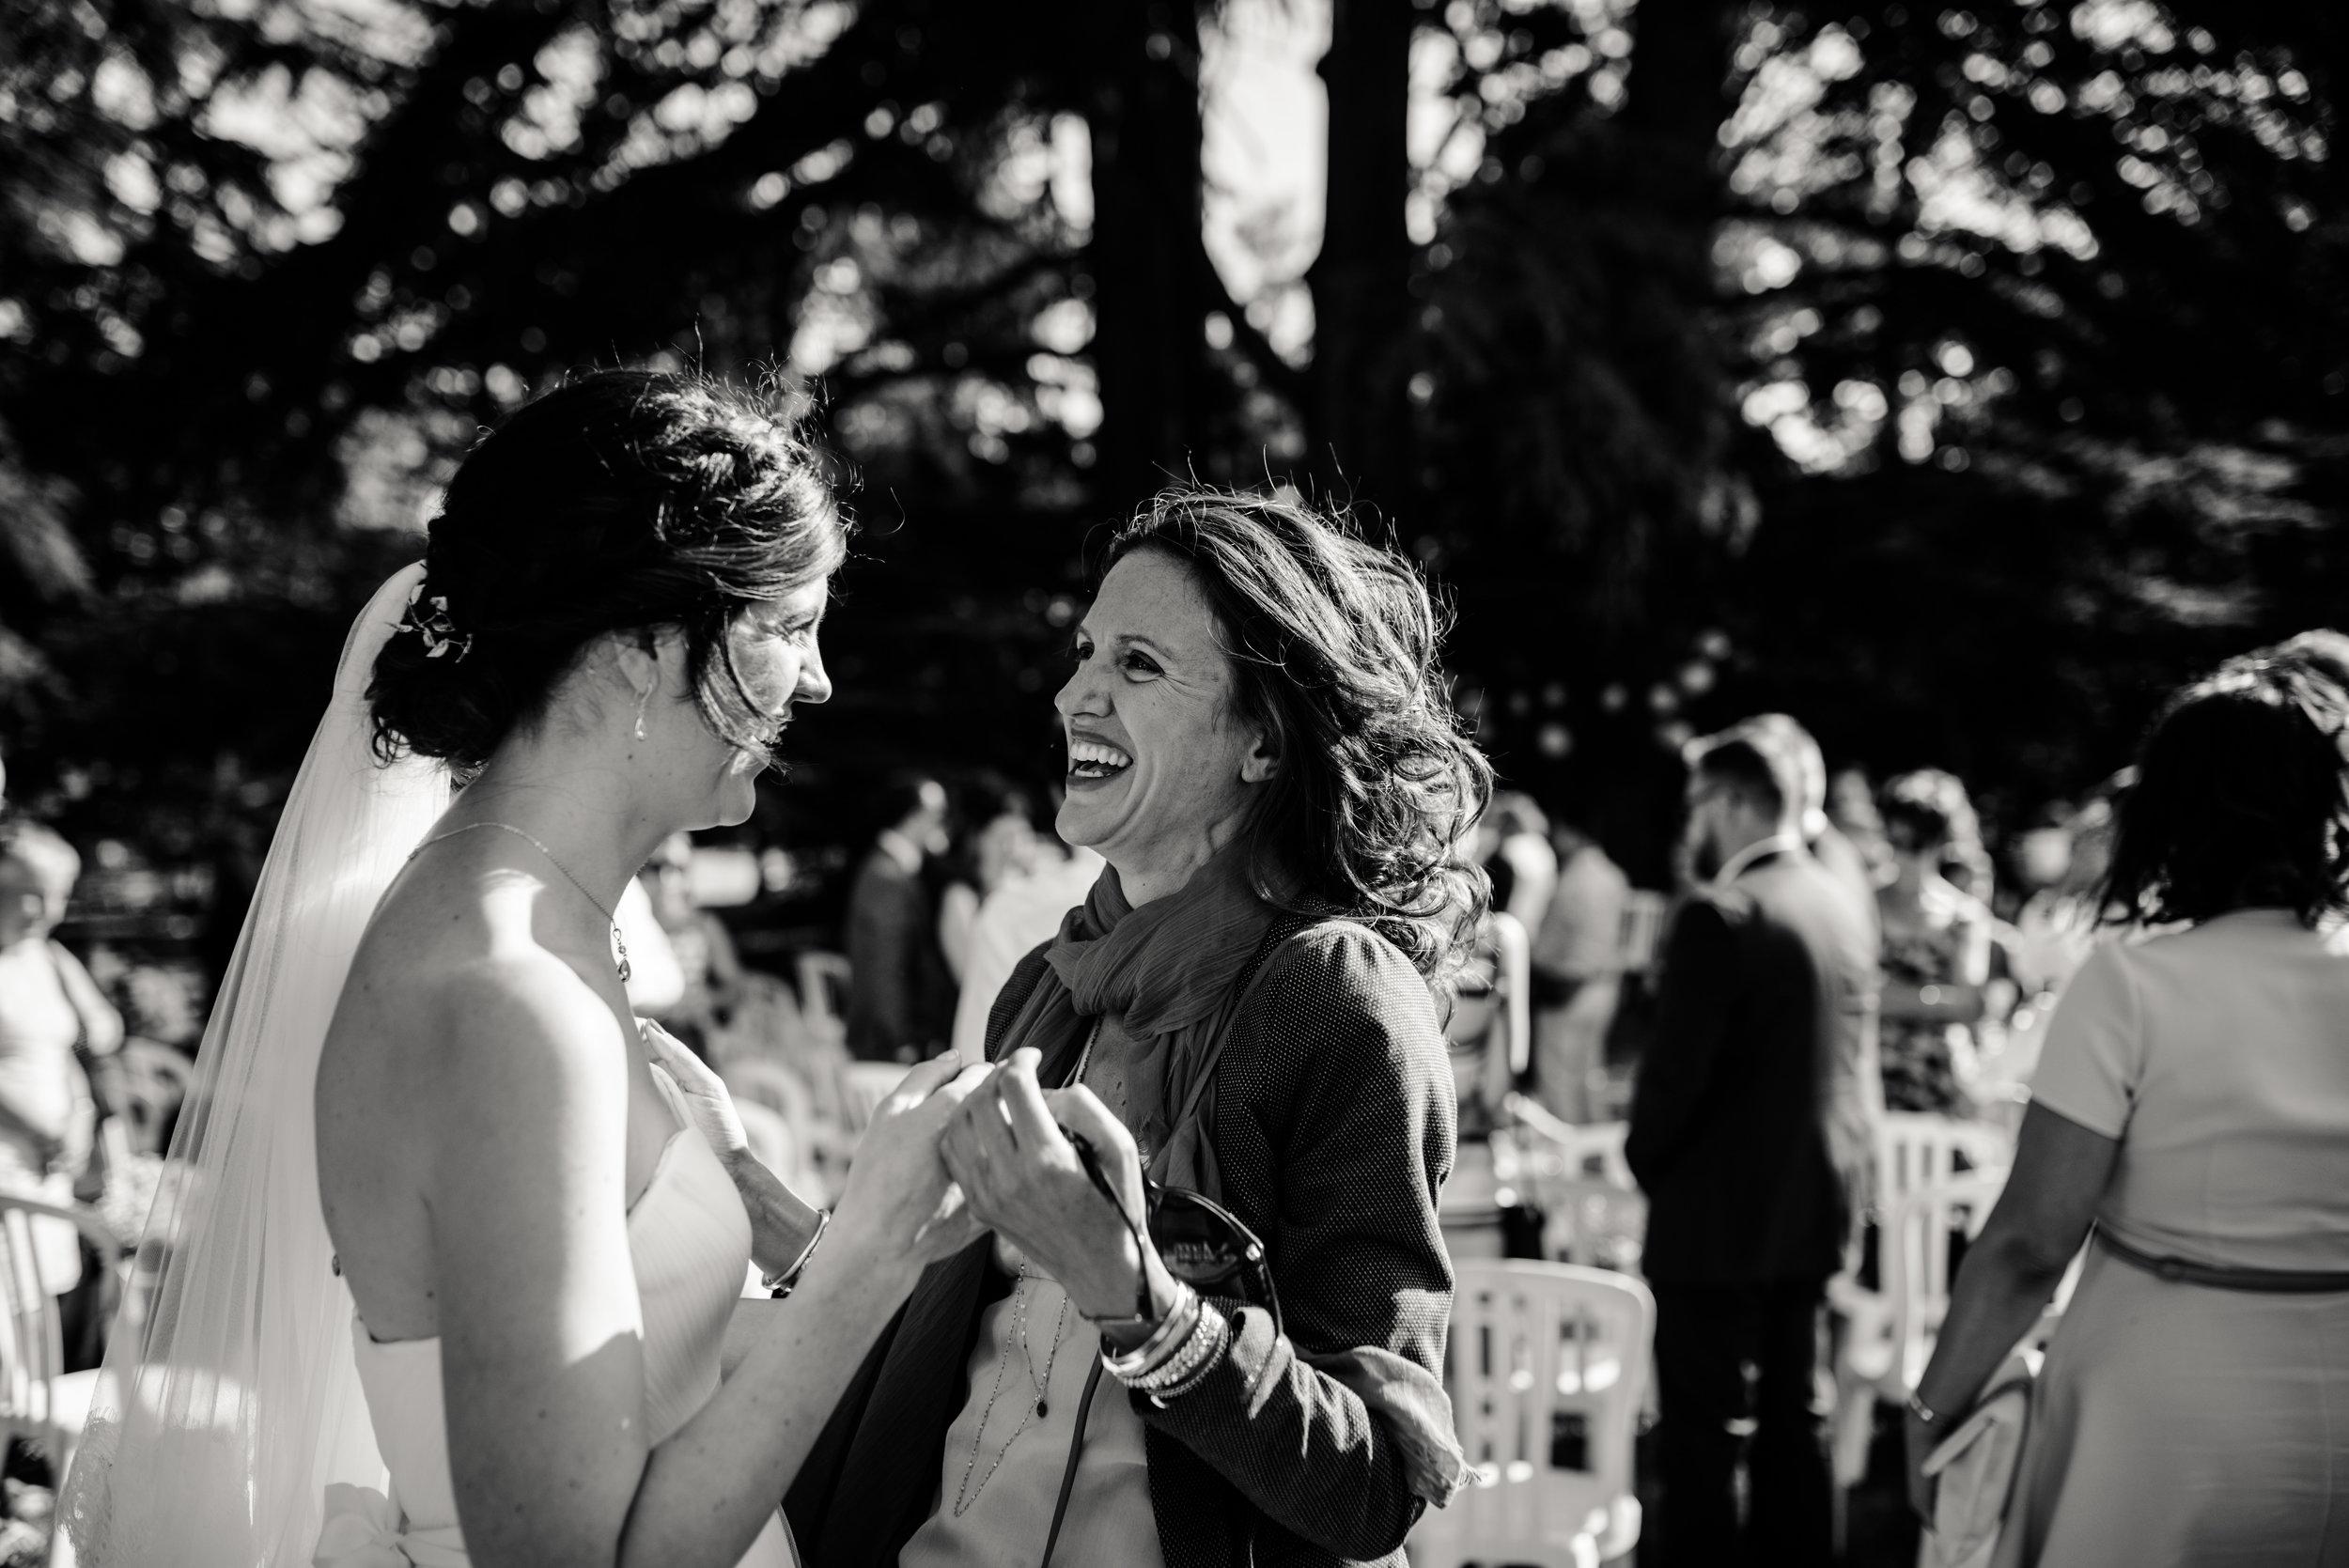 Léa-Fery-photographe-professionnel-lyon-rhone-alpes-portrait-creation-mariage-evenement-evenementiel-famille--39.jpg